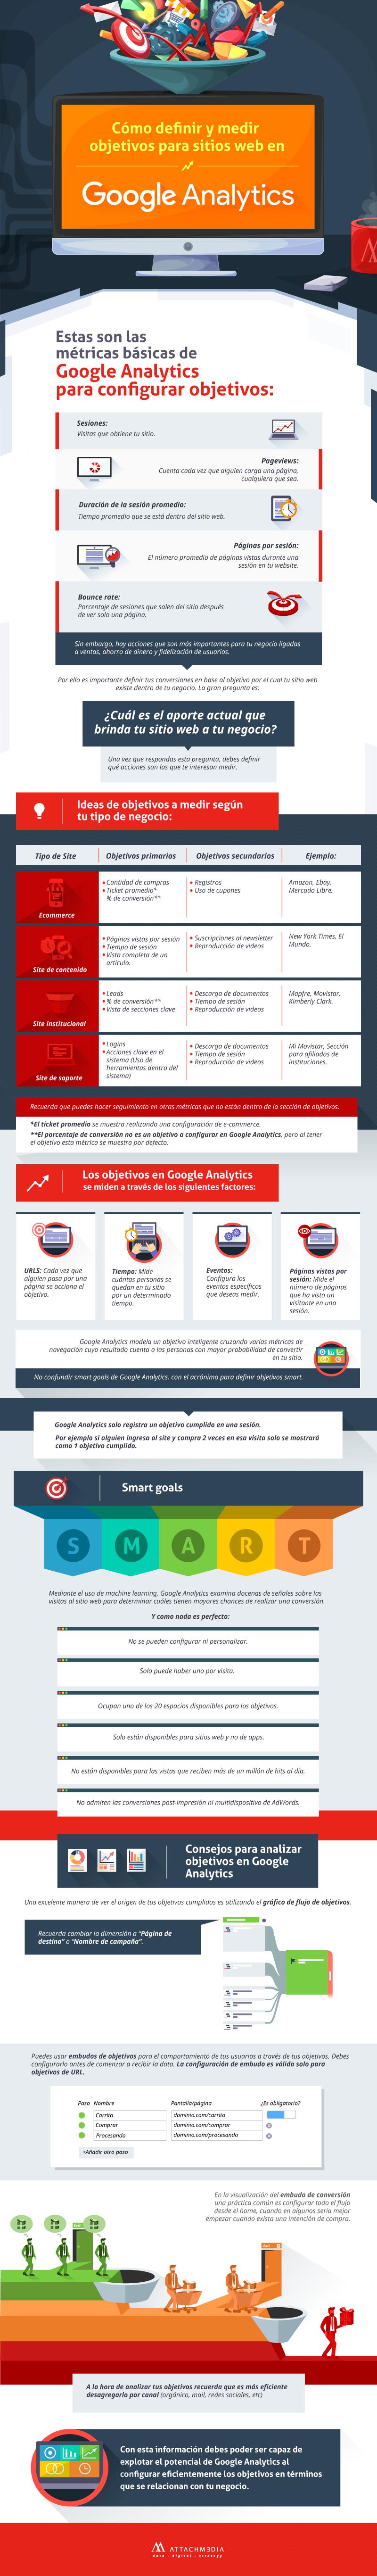 infografia-como-definir-y-medir-objetivos-para-sitios-web-en-google-analytics